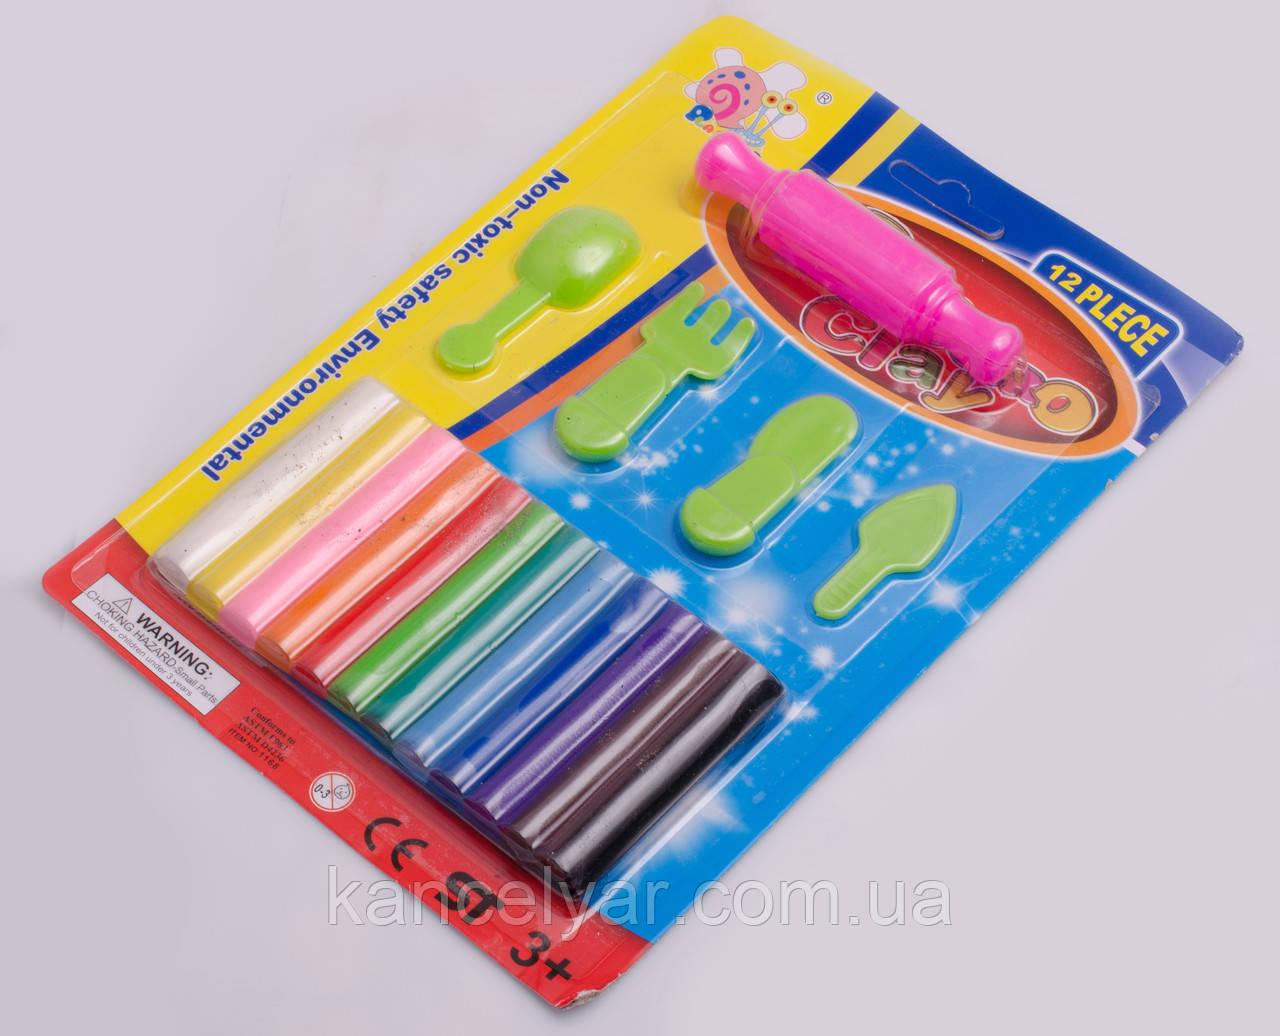 Пластилін восковий: 12 кольорів + формочки